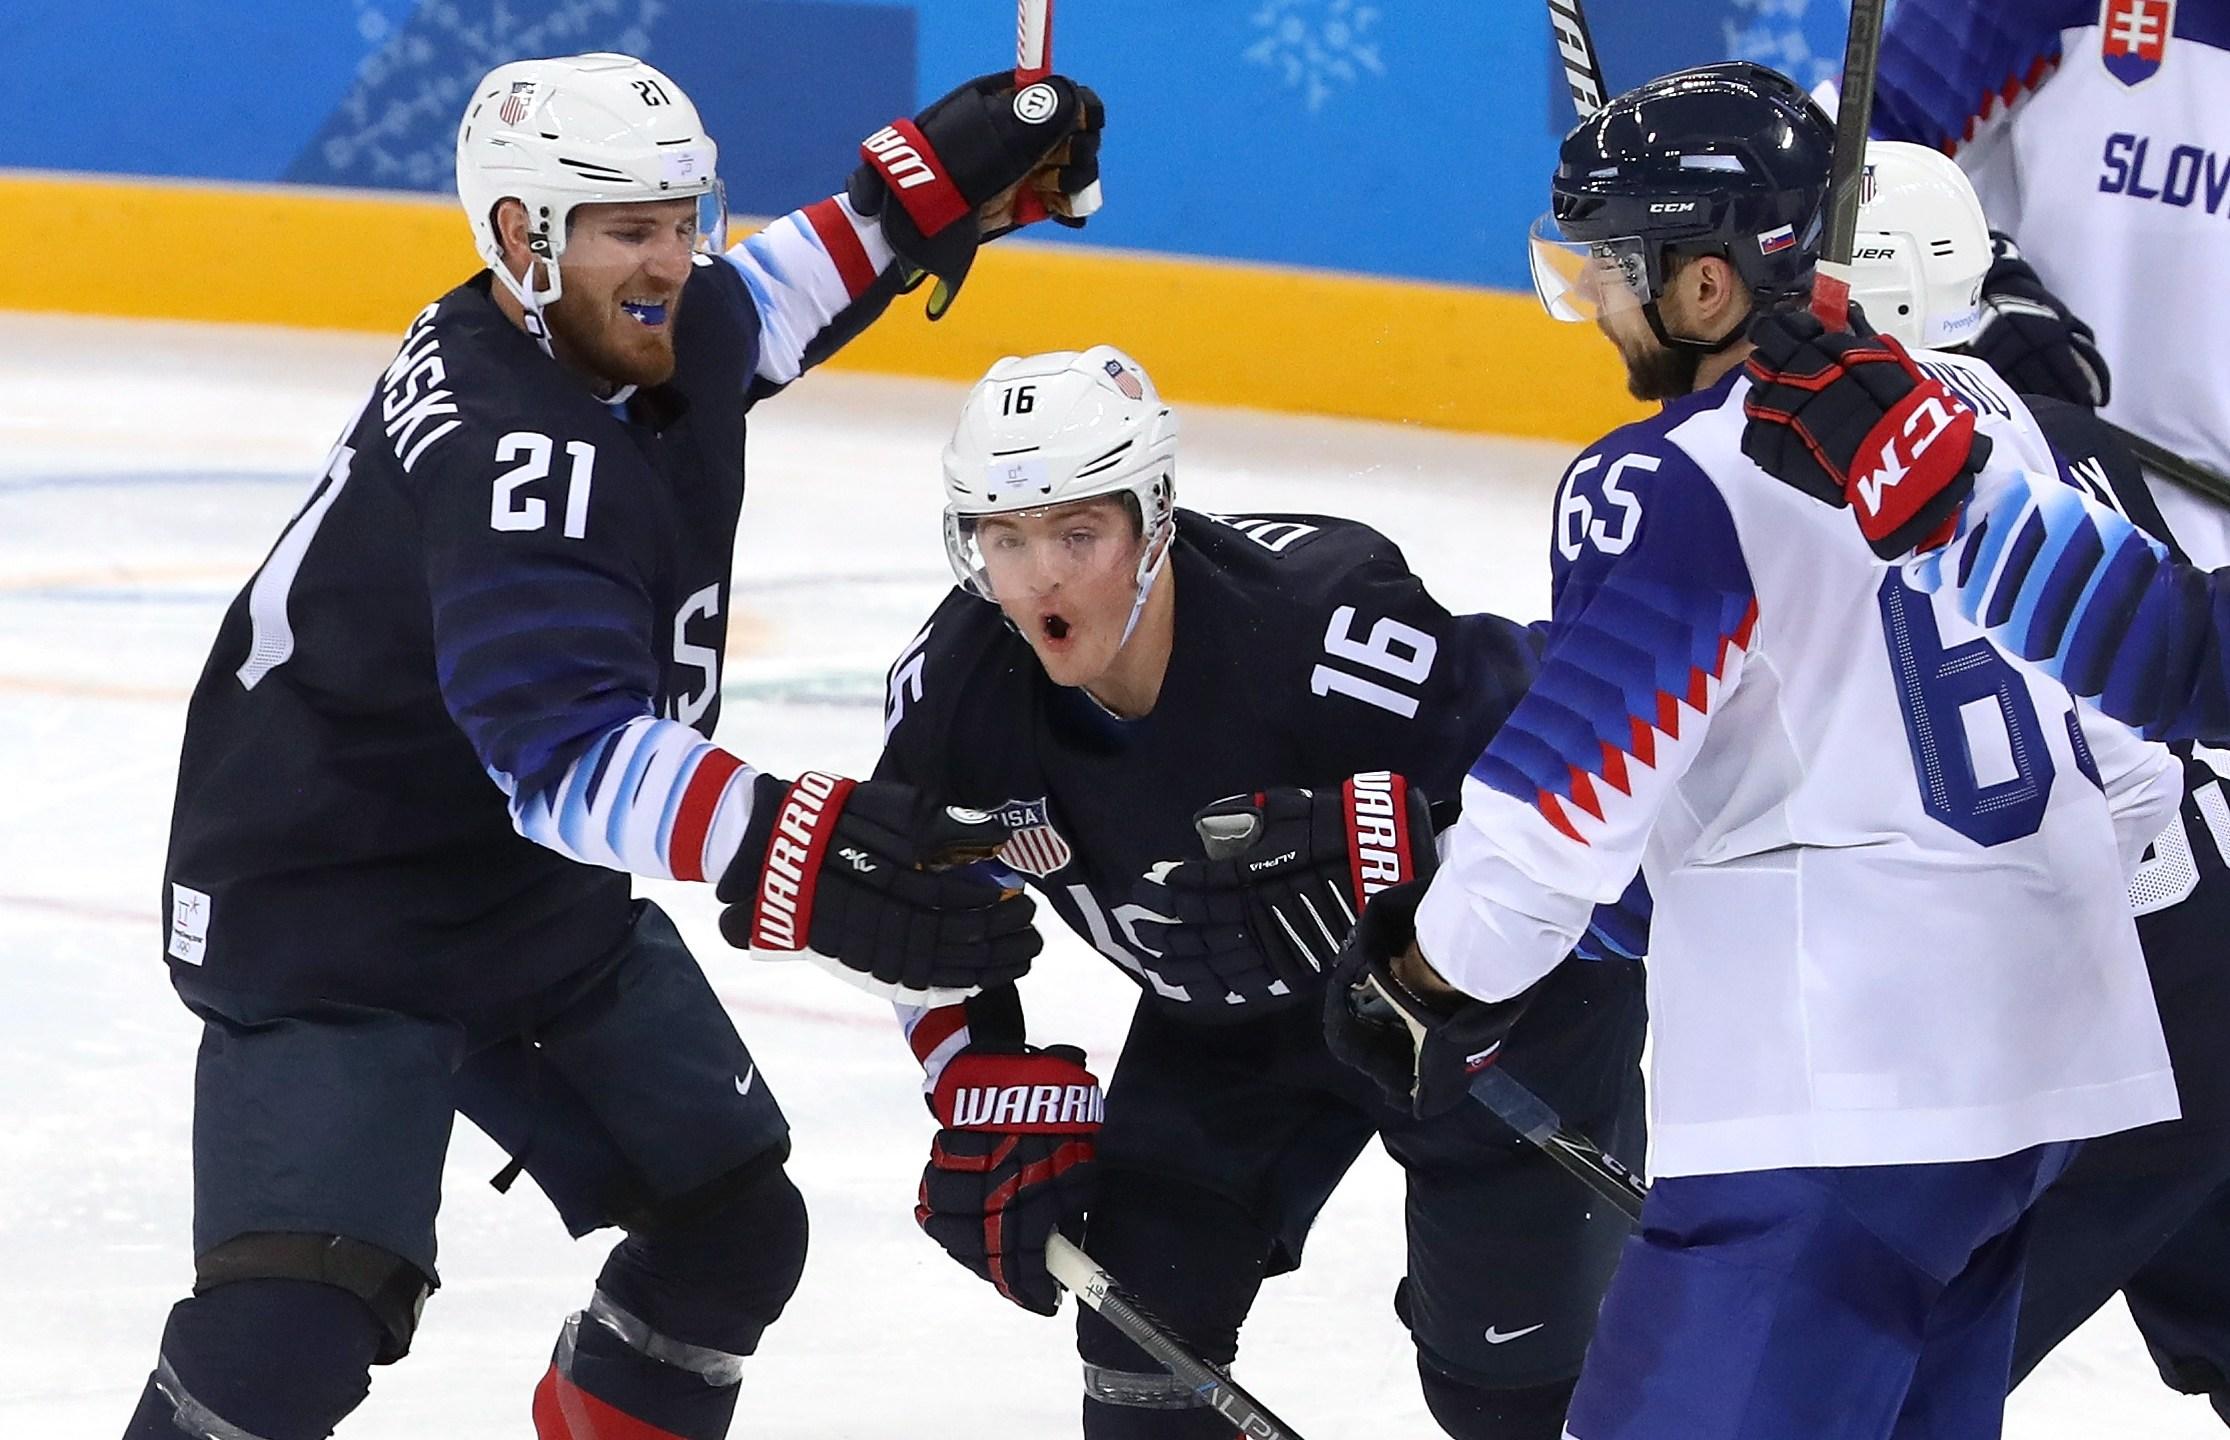 Ice Hockey – Winter Olympics Day 7_637970